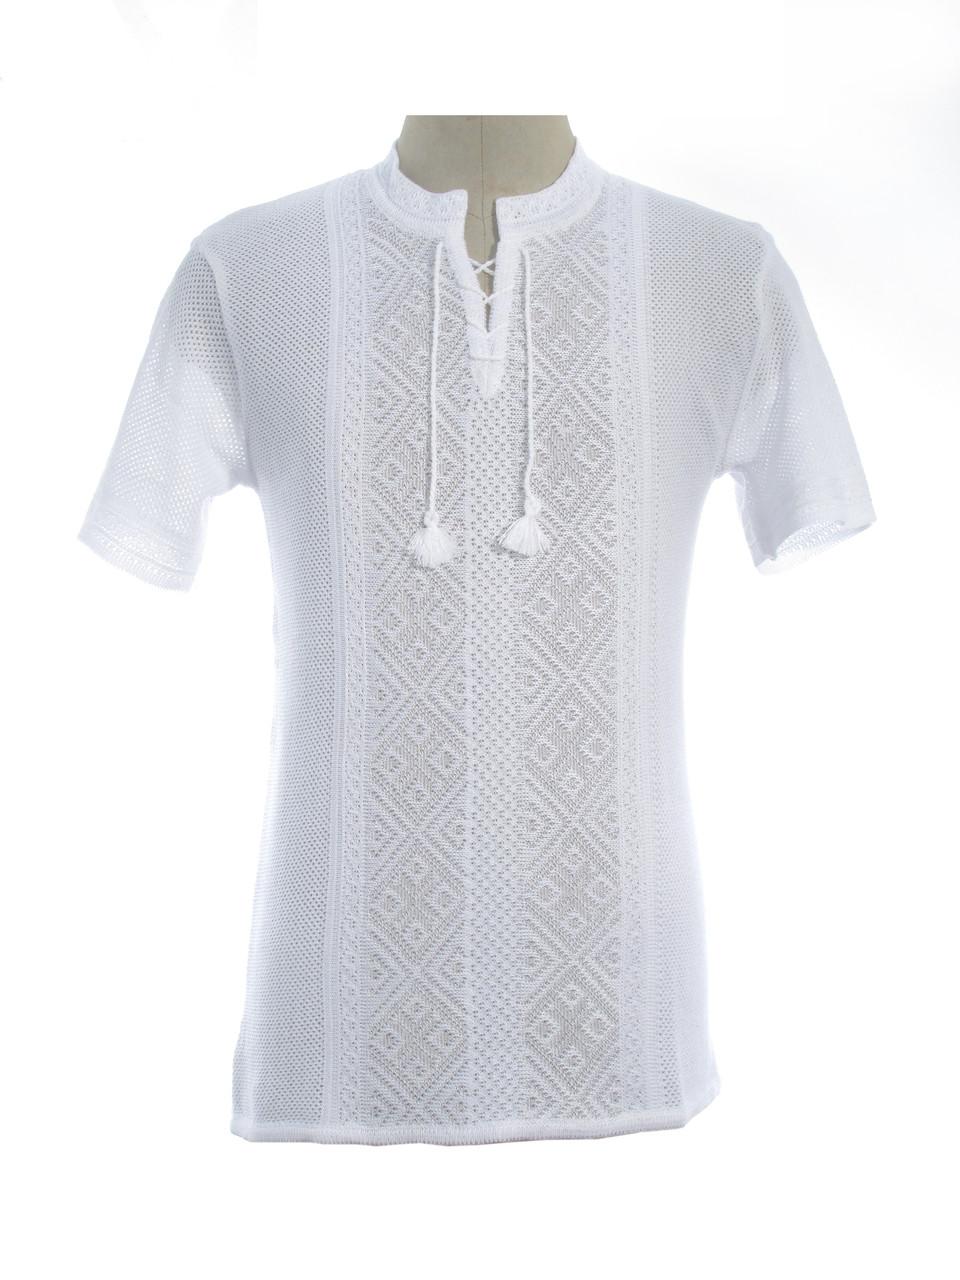 Мужская вязаная рубашка Назар (короткий рукав) (х/б)